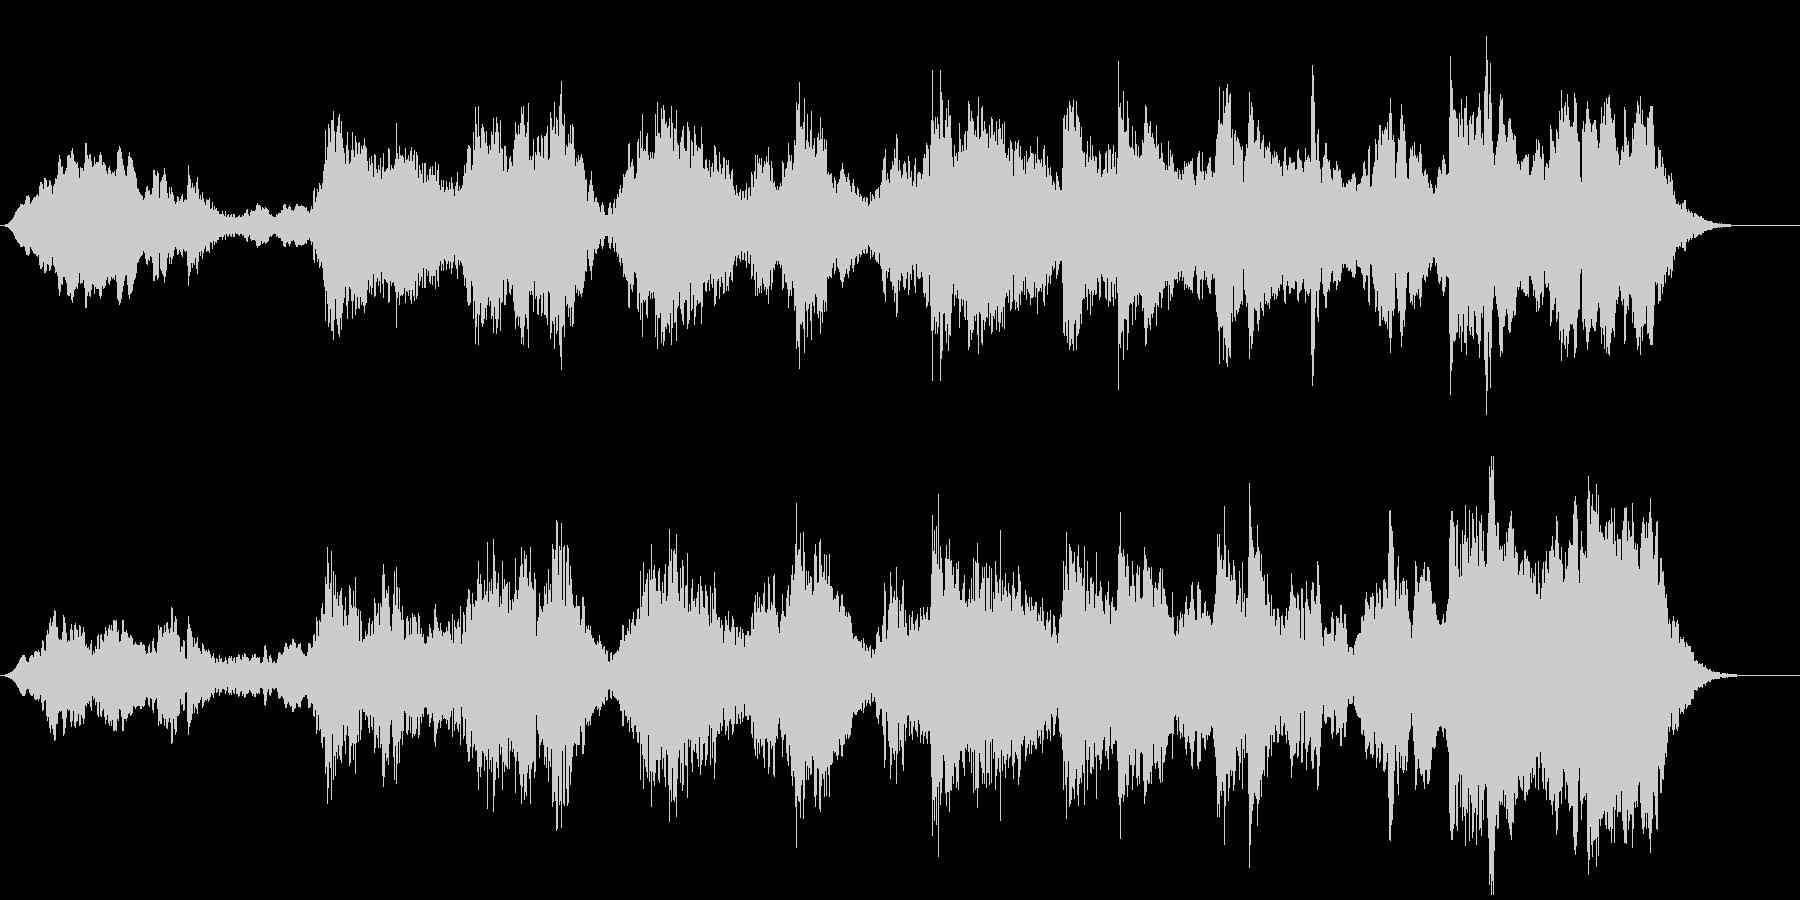 ディープソフトインパクトシマー、ム...の未再生の波形